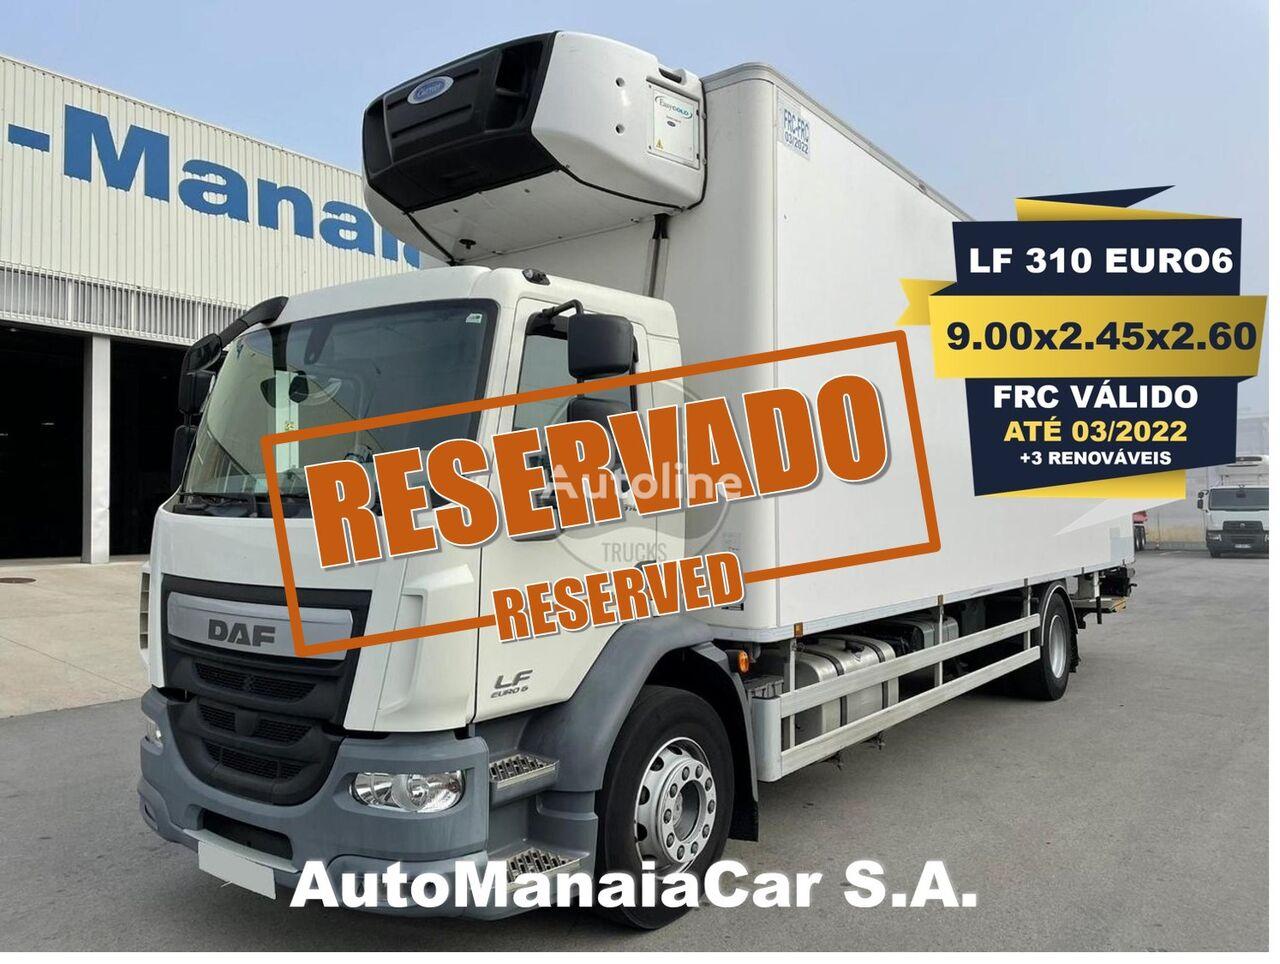 DAF LF 310 EURO6 koelwagen vrachtwagen